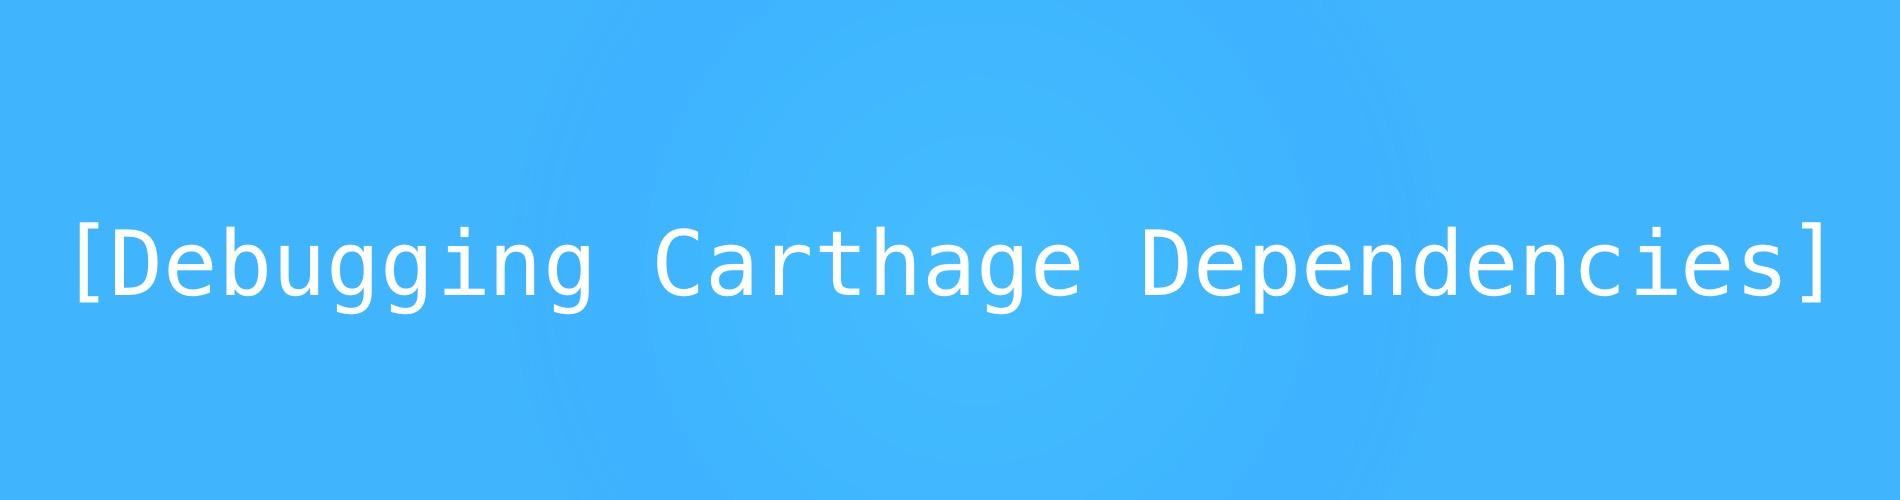 Debugging Carthage Dependencies feature image